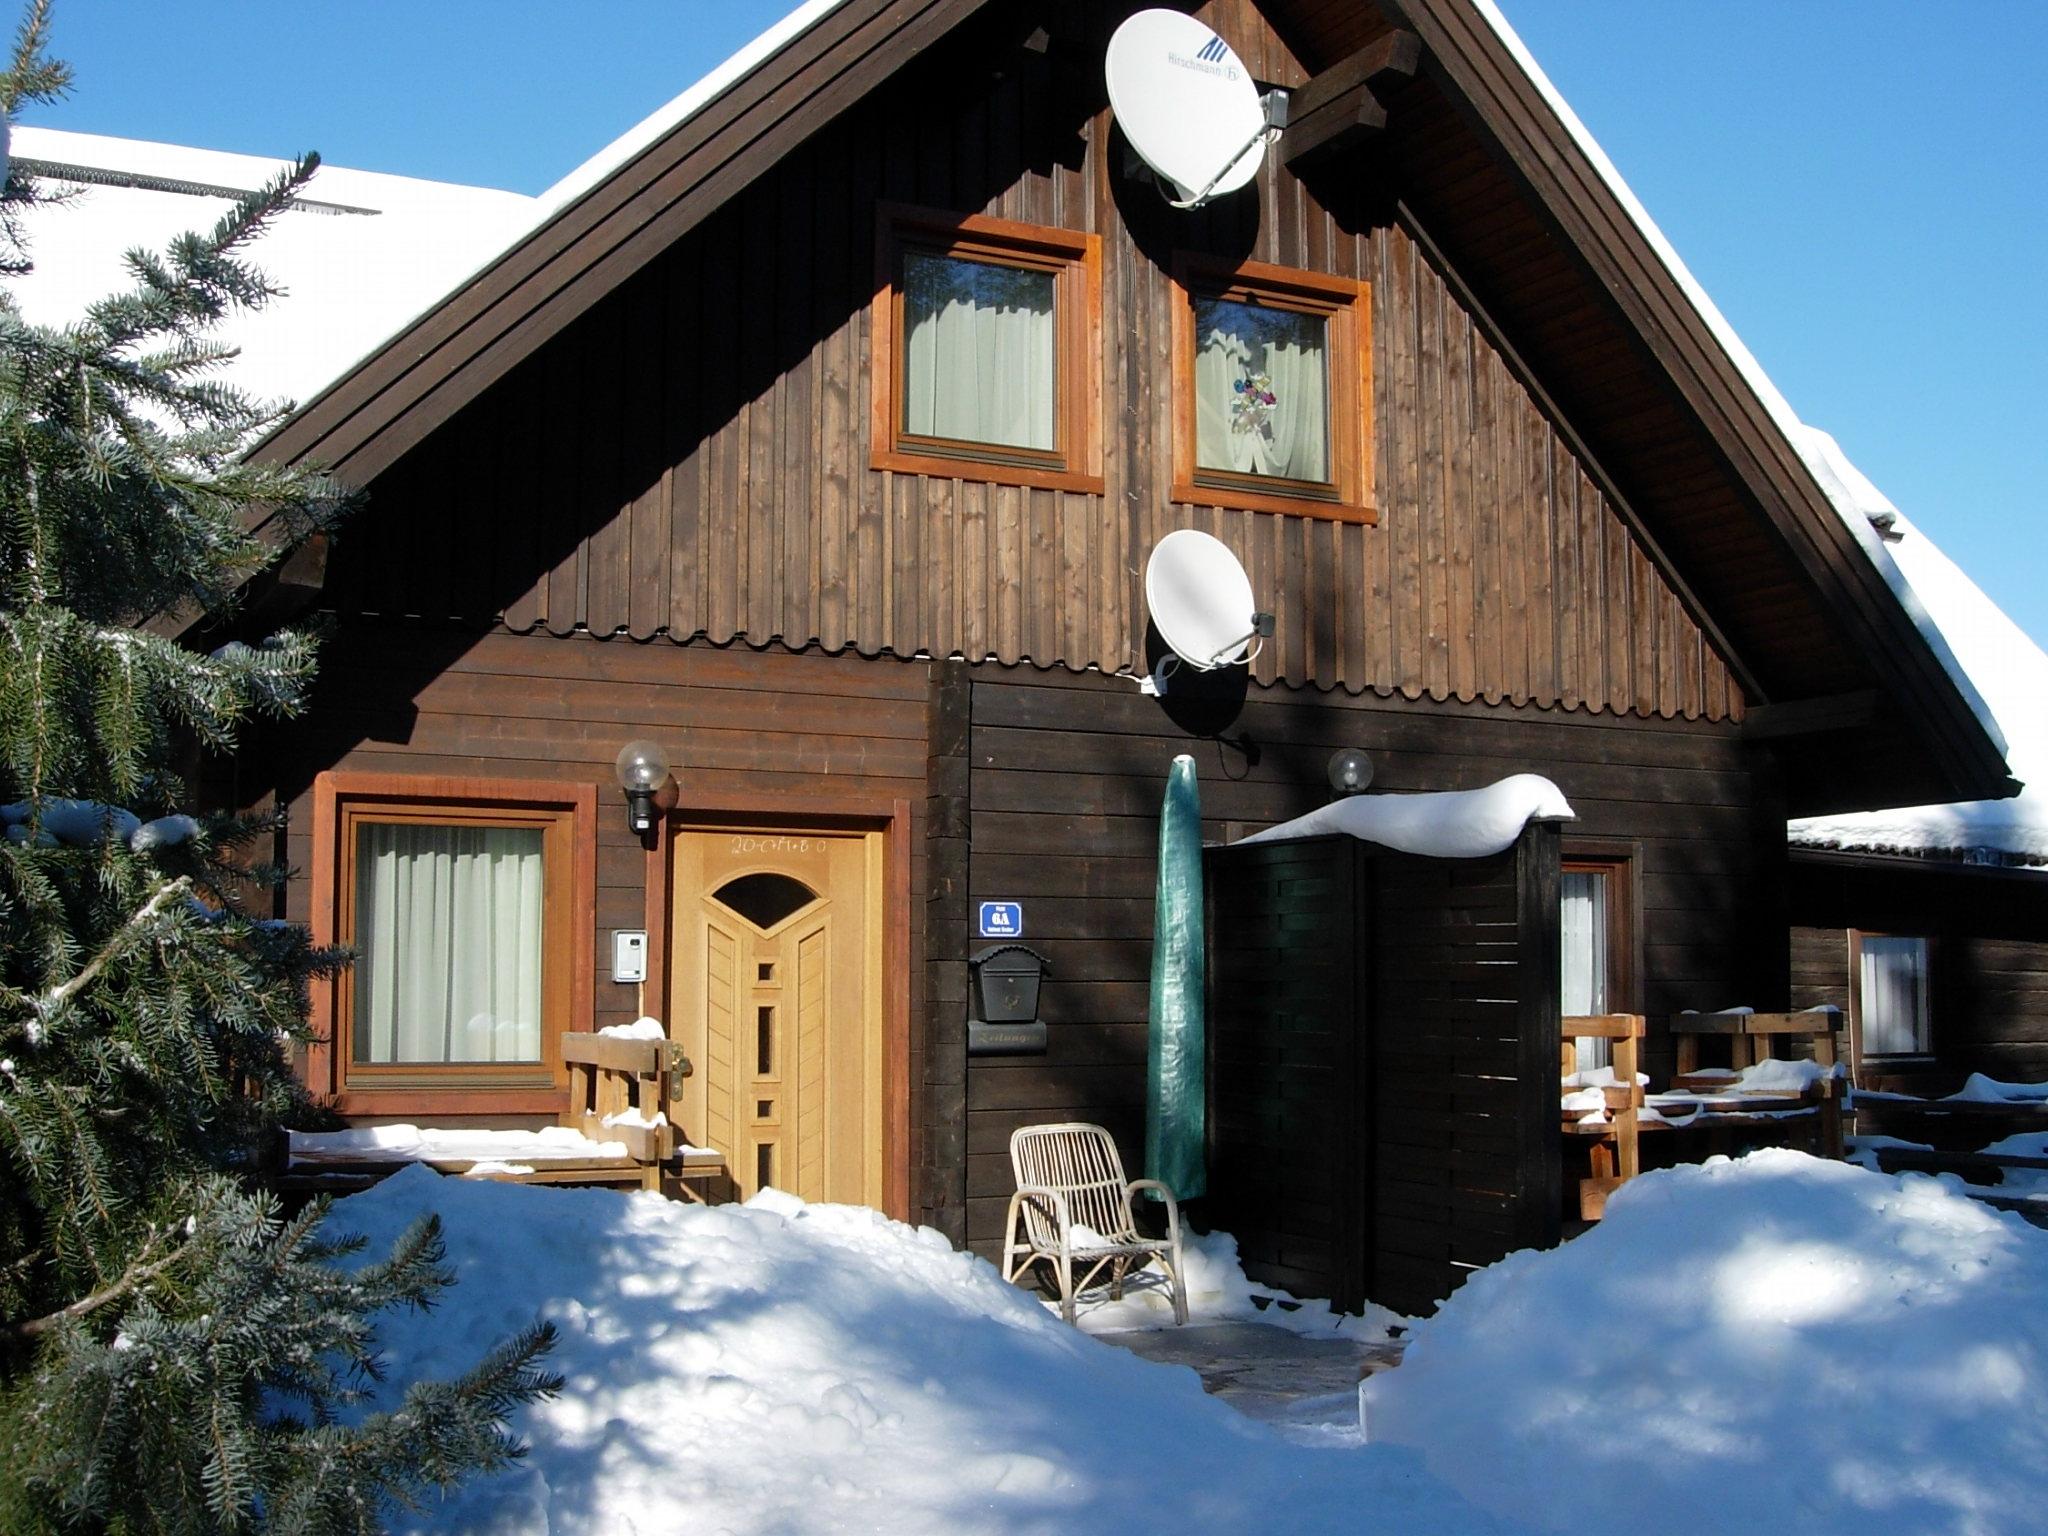 Eingang zur Wohnung im Winter